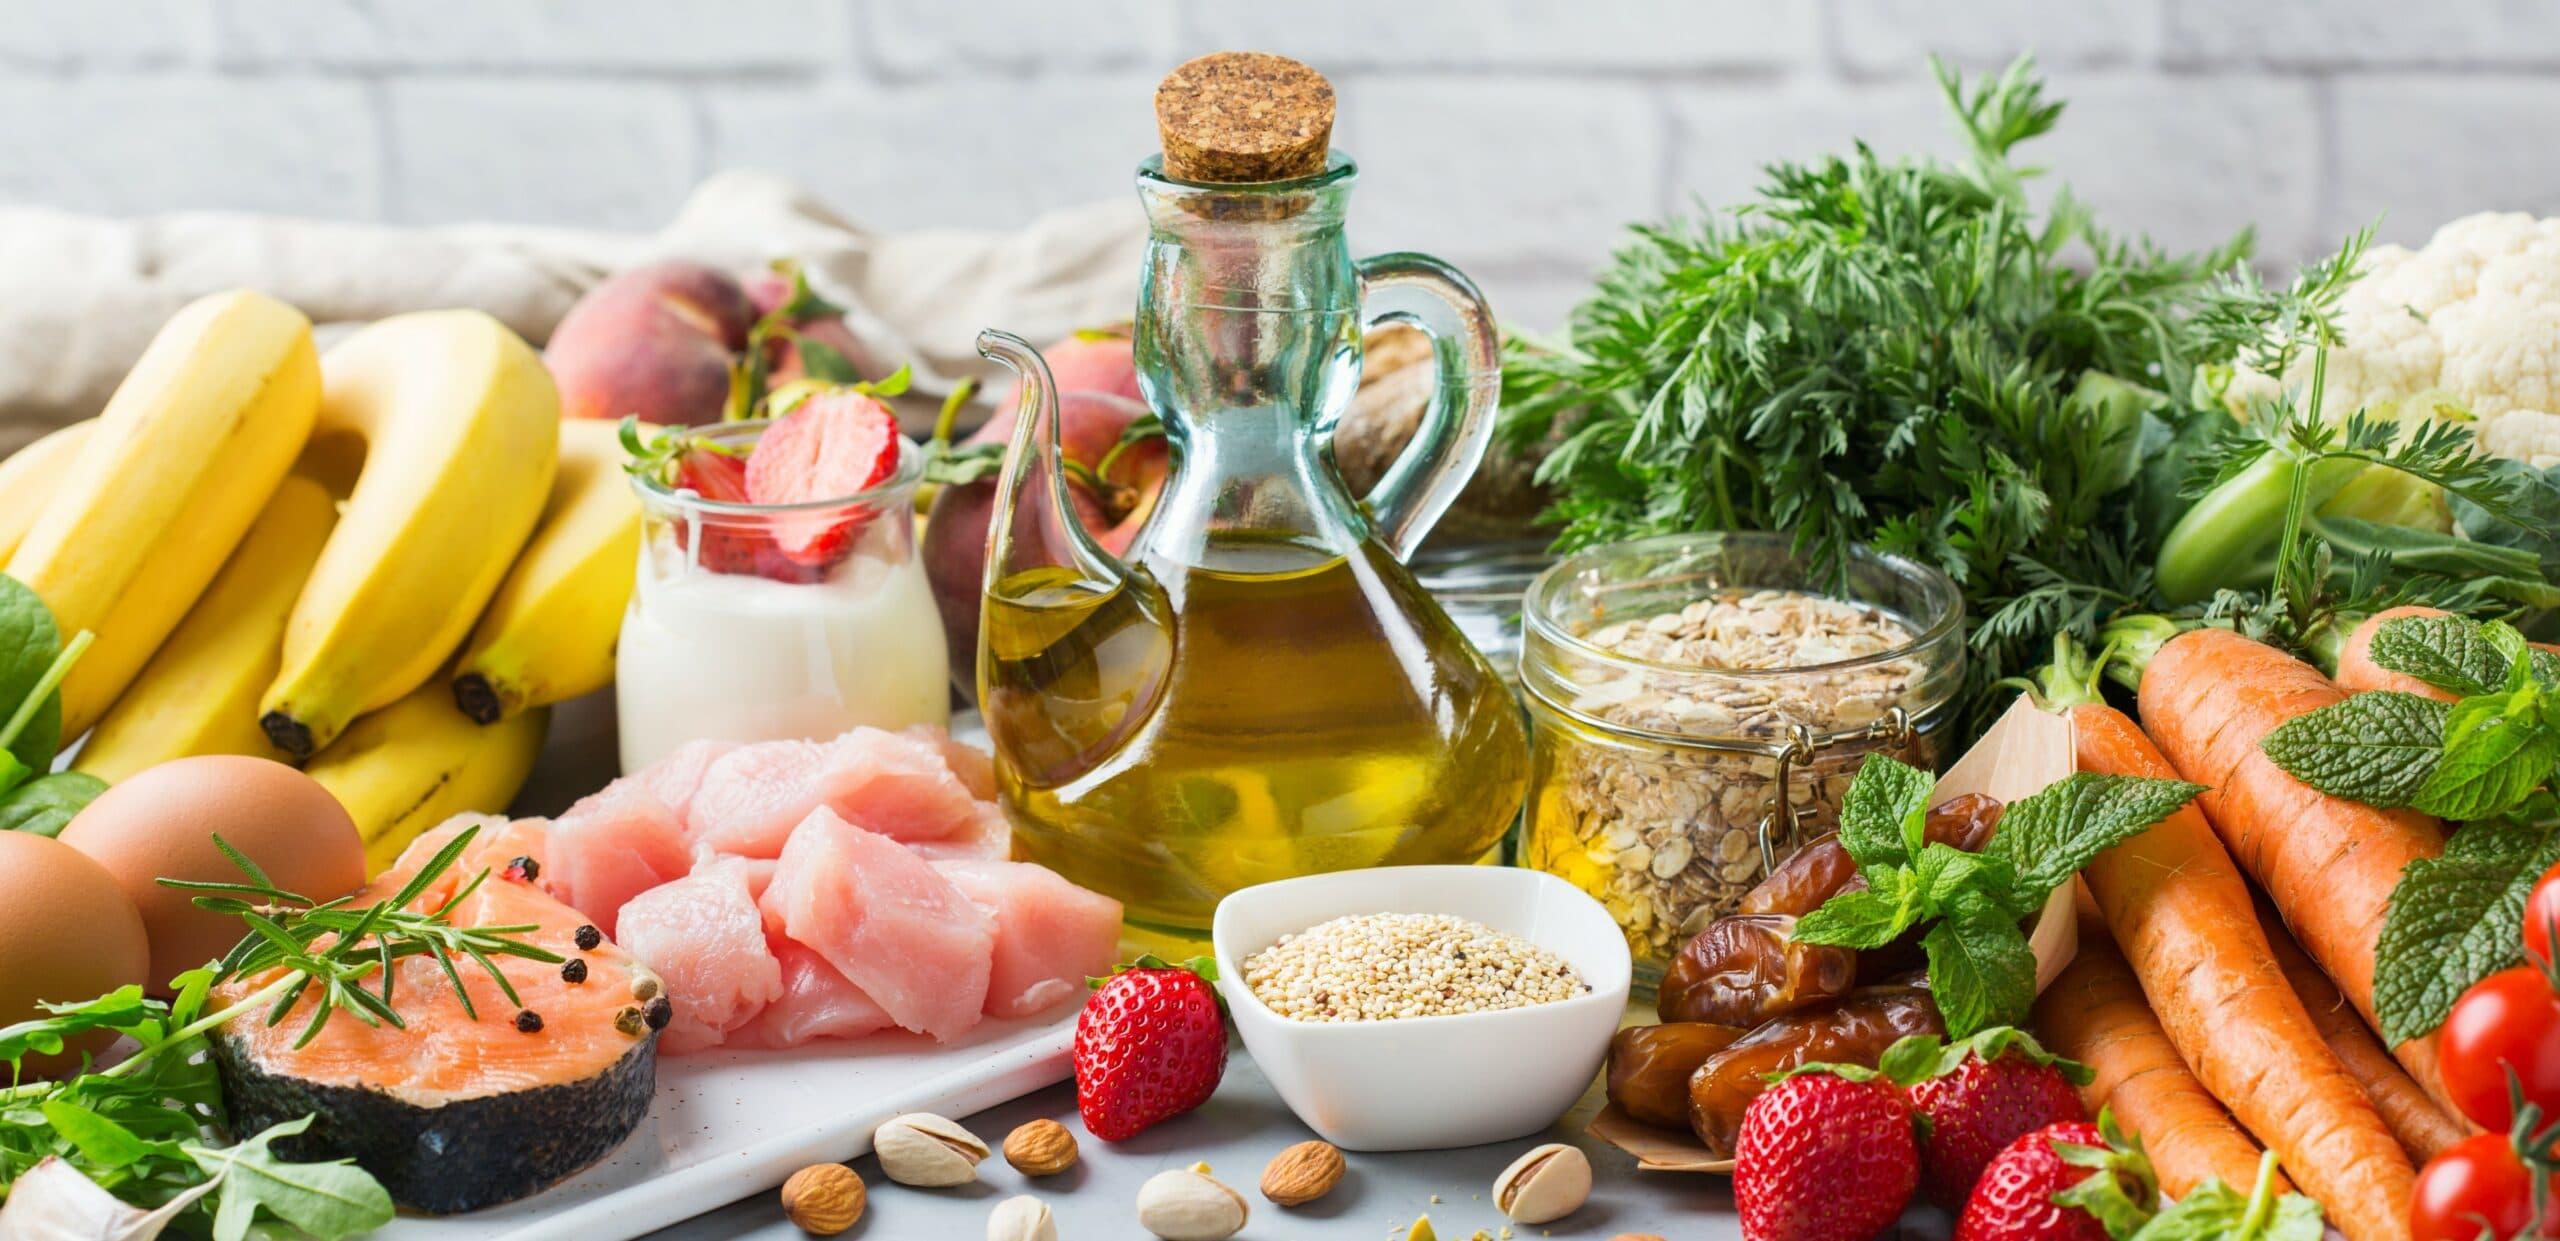 dieta e cibi per asciugare il fisico